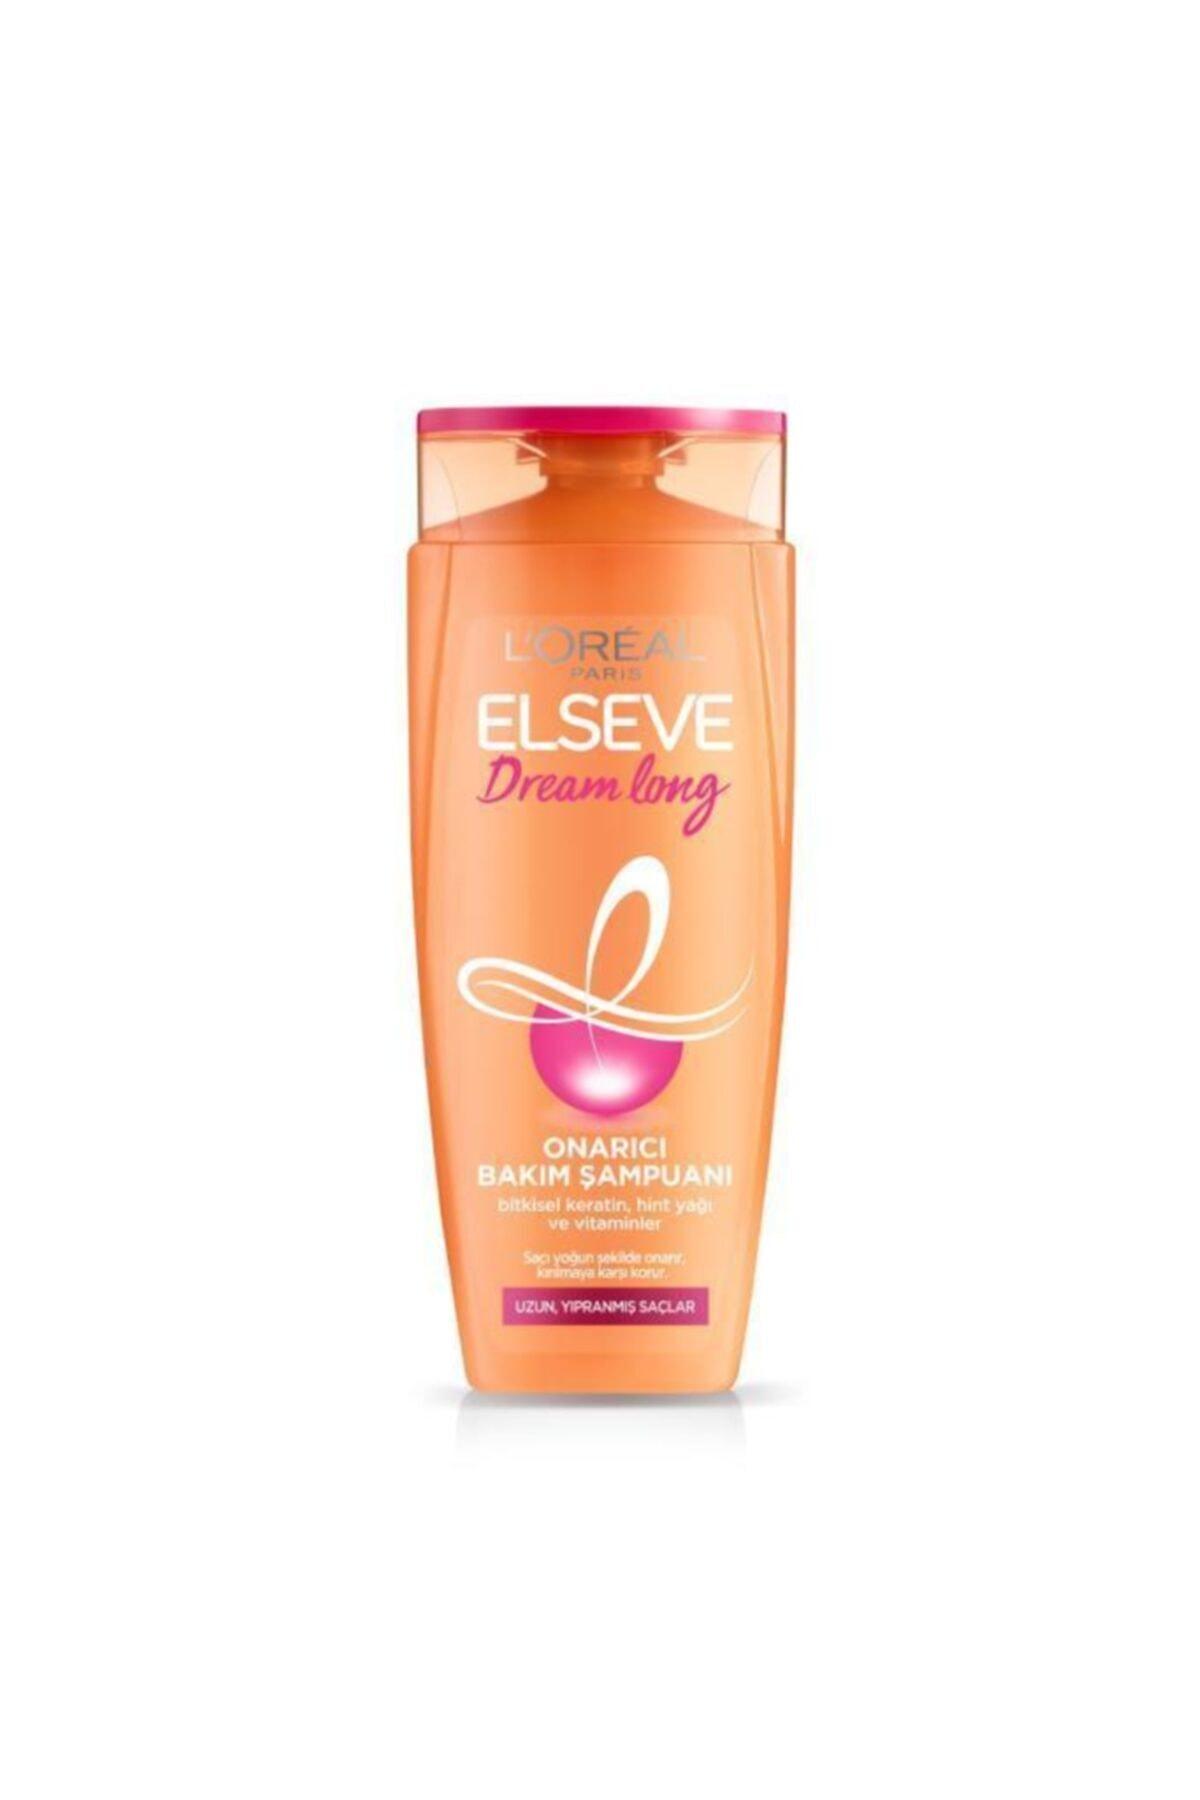 ELSEVE L'oreal Paris Dream Long Onarıcı Bakım Şampuanı 450 Ml 2